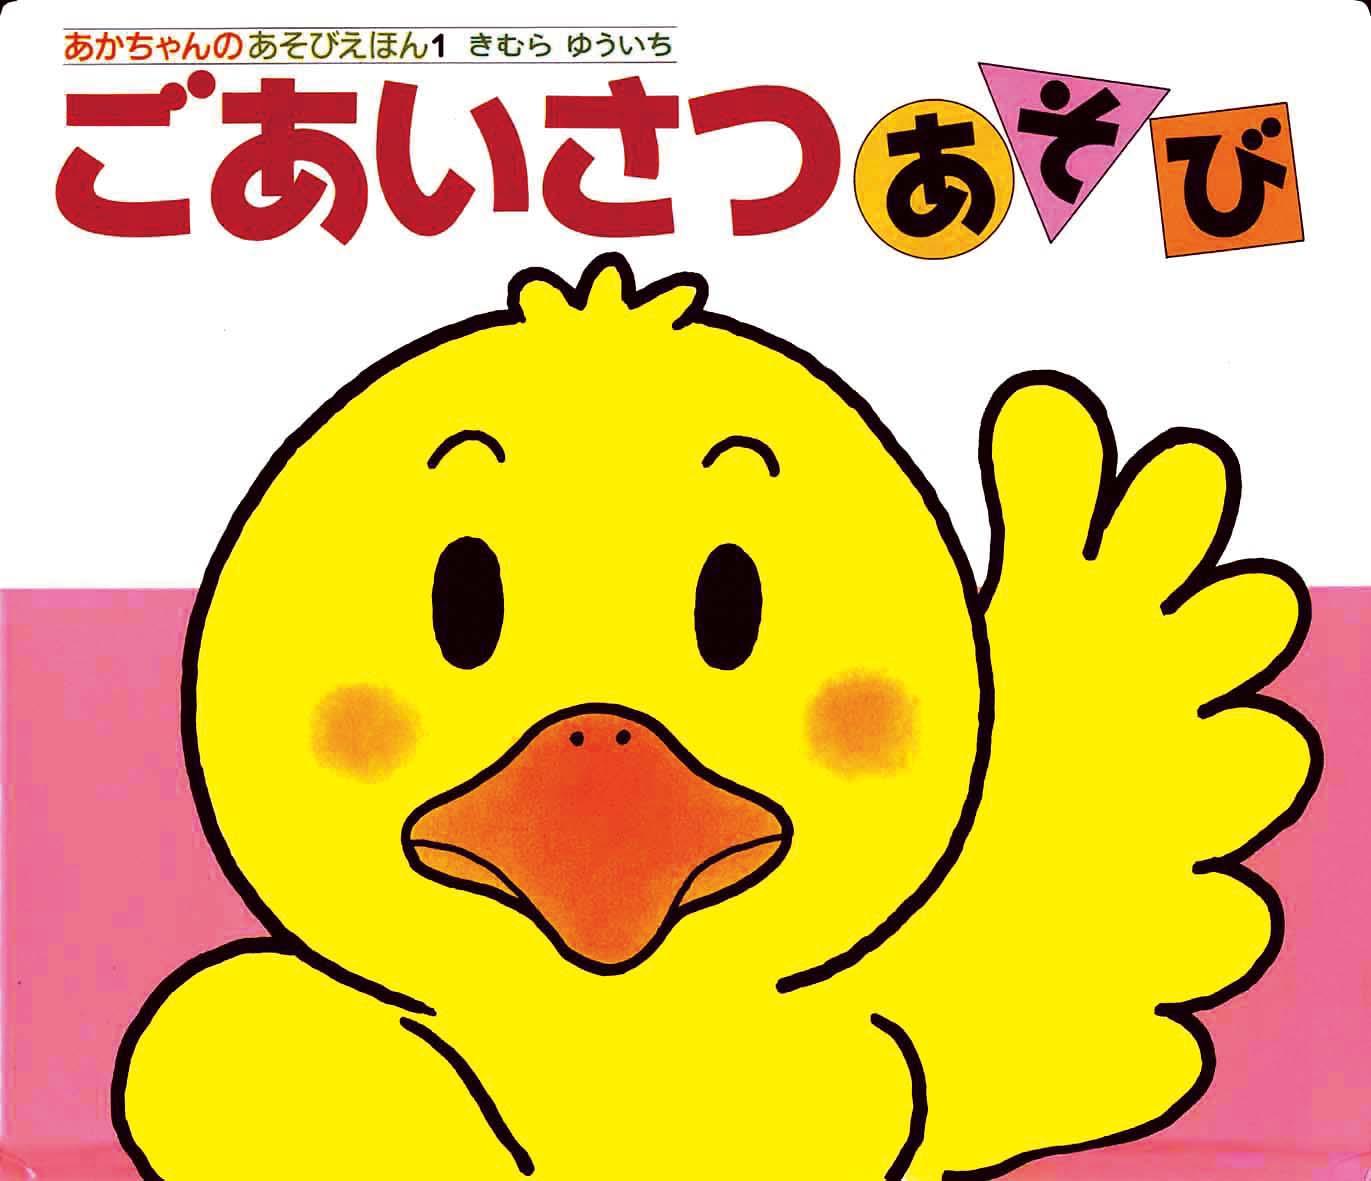 あかちゃんのあそびえほん30周年キャンペーン開催中!